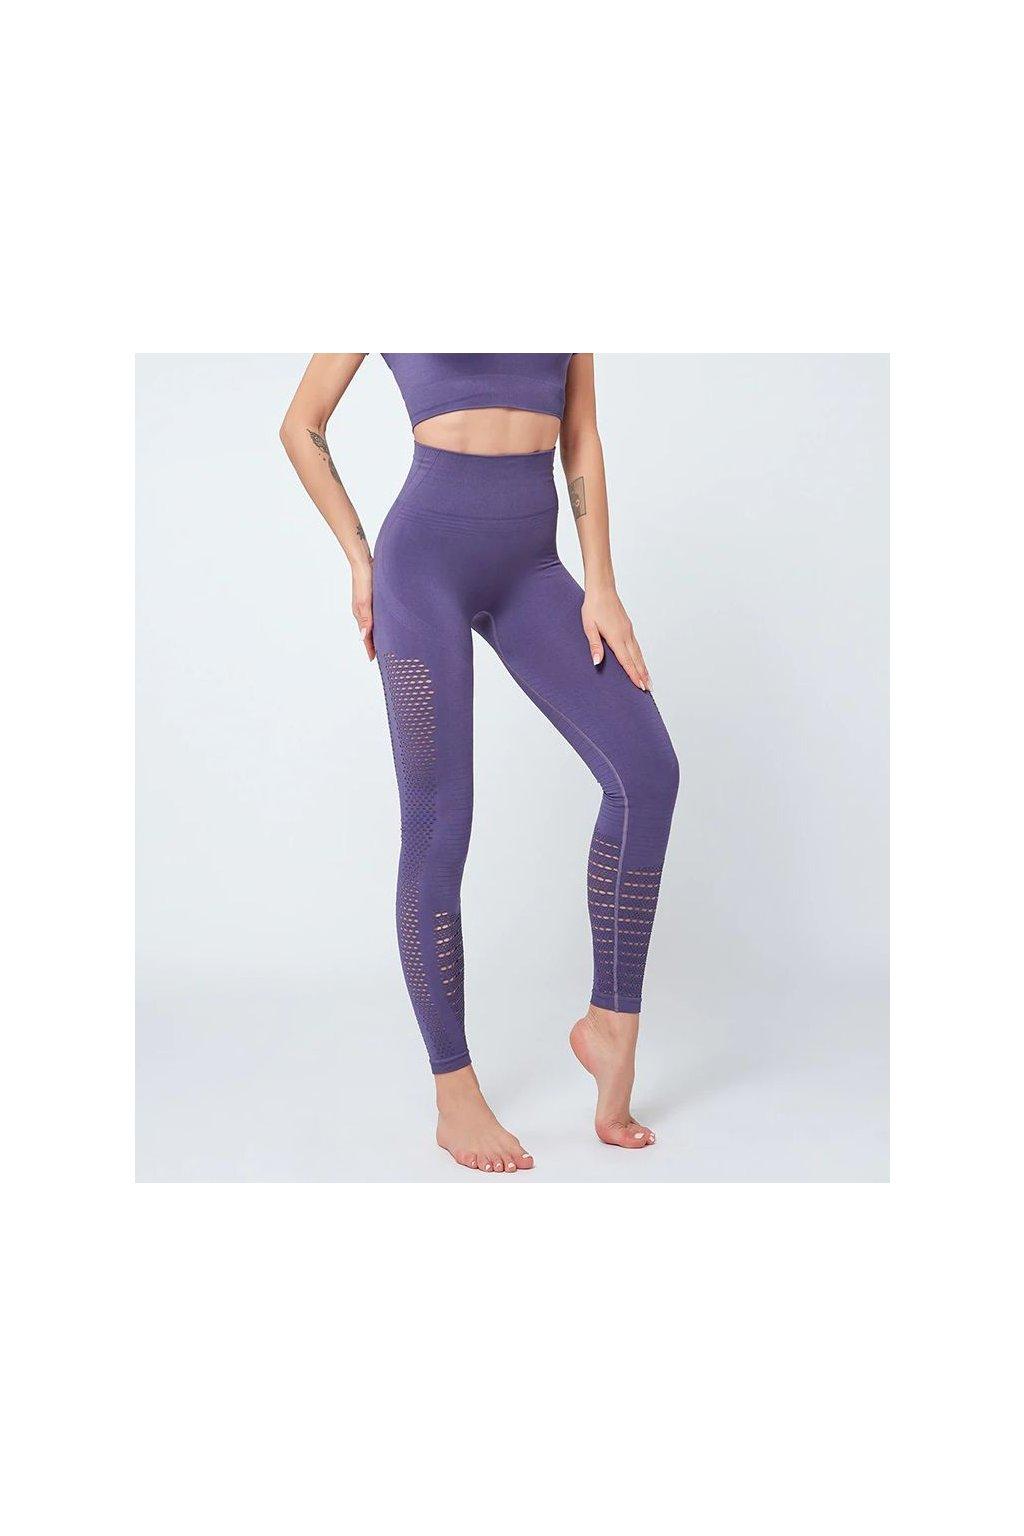 Dámské legíny Seamless Support Purple